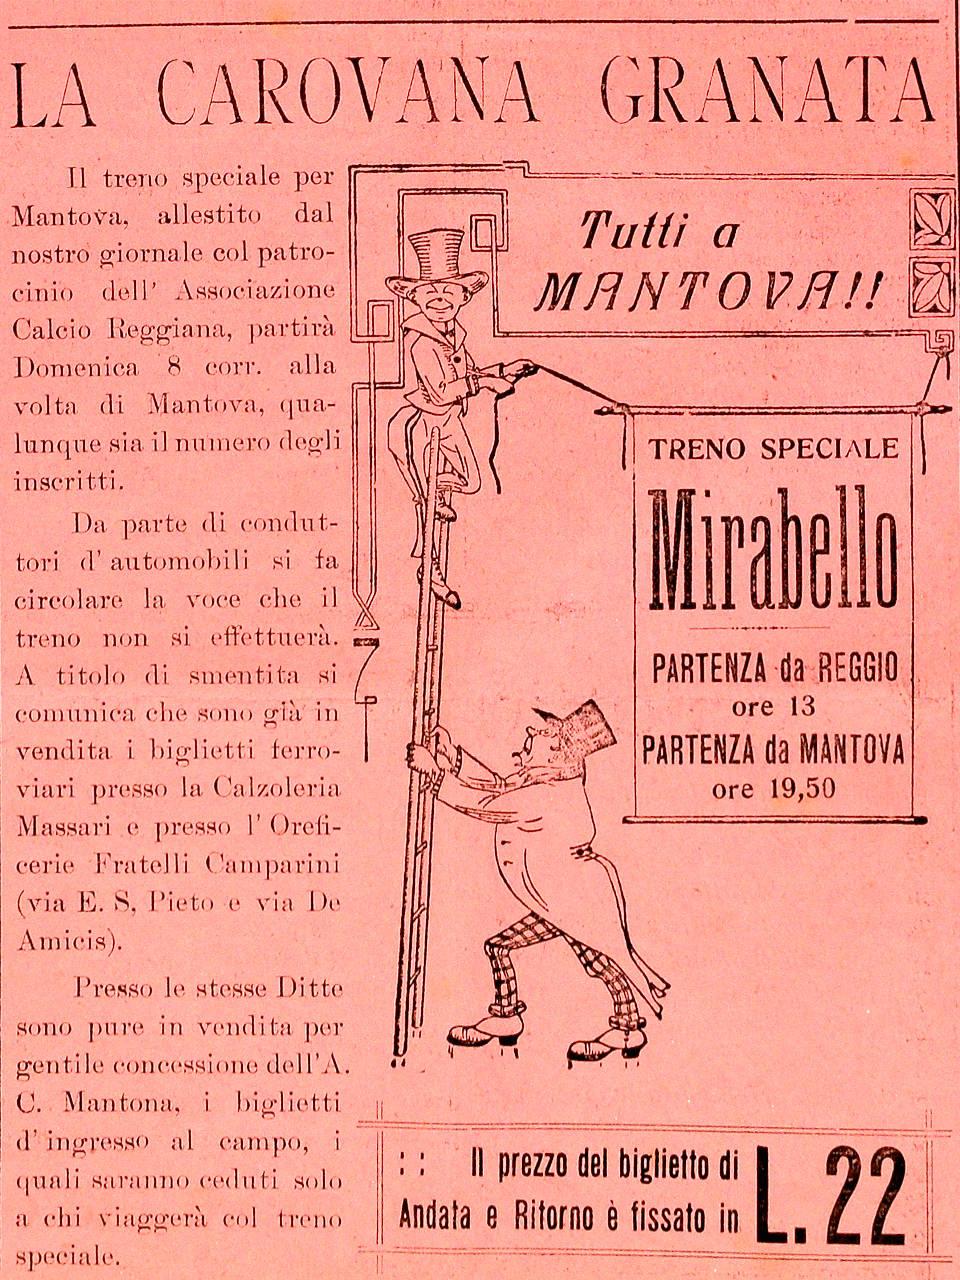 """Il """"Mirabello"""" Edizione dell'8 giugno 1924 Emeroteca Biblioteca Panizzi, Reggio Emilia 1924"""